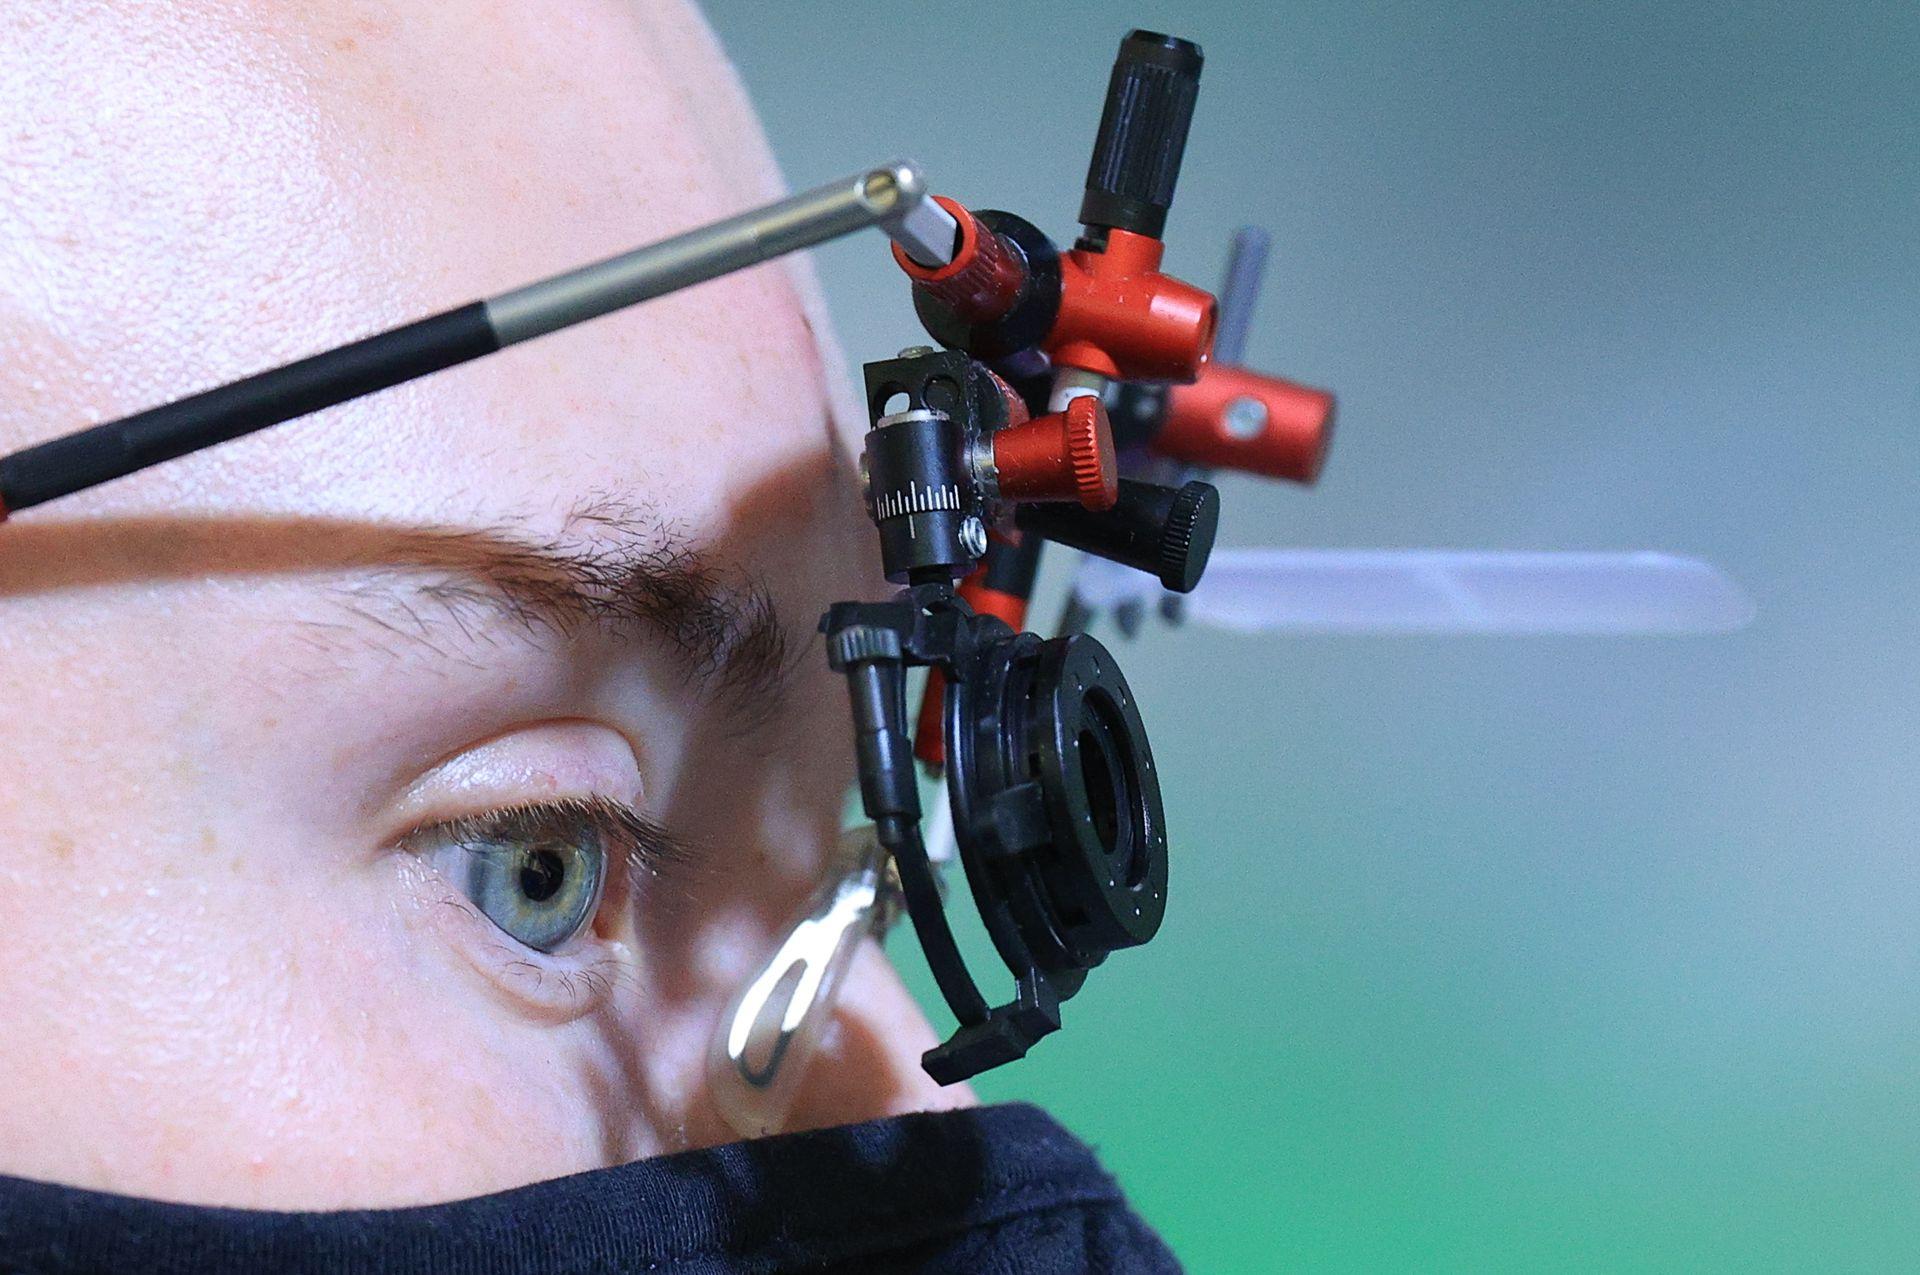 El atleta de la República de China Artem Chernousov compite en la calificación de tiro con pistola de aire de 10 m para hombres durante los Juegos Olímpicos de Verano de 2020 en el campo de tiro de Asaka.